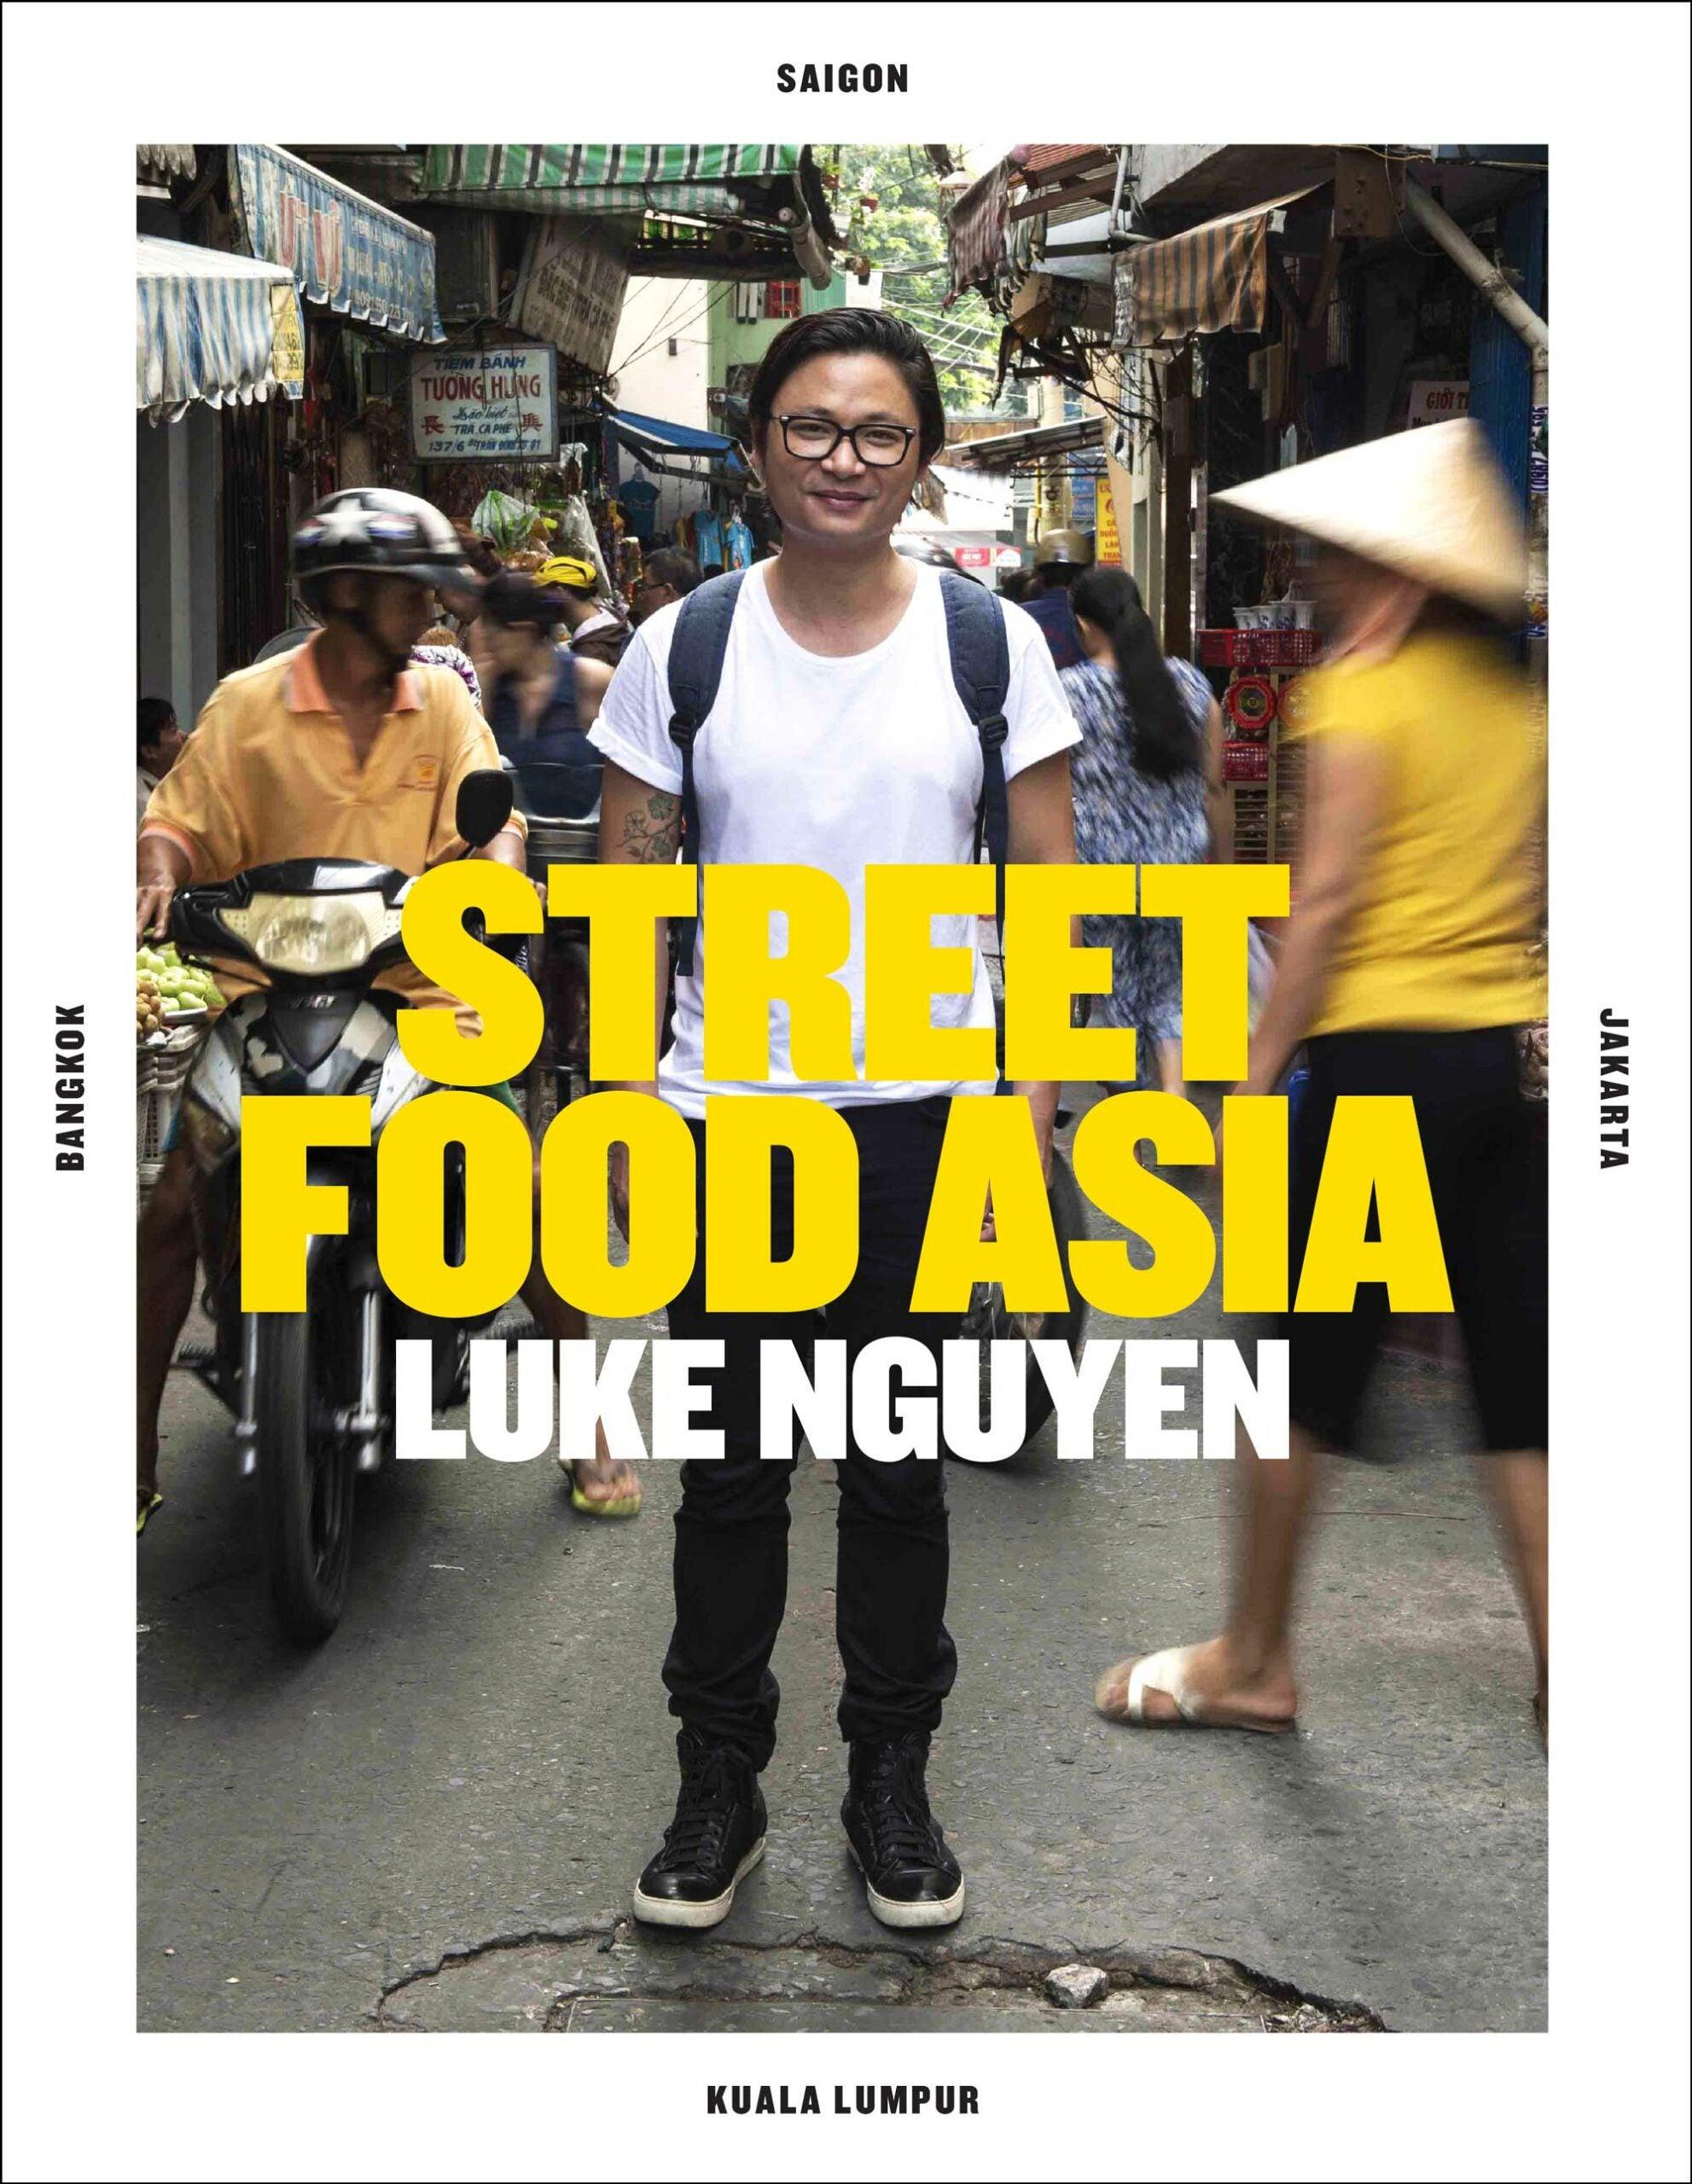 Street Food Asia by Luke Nguyen